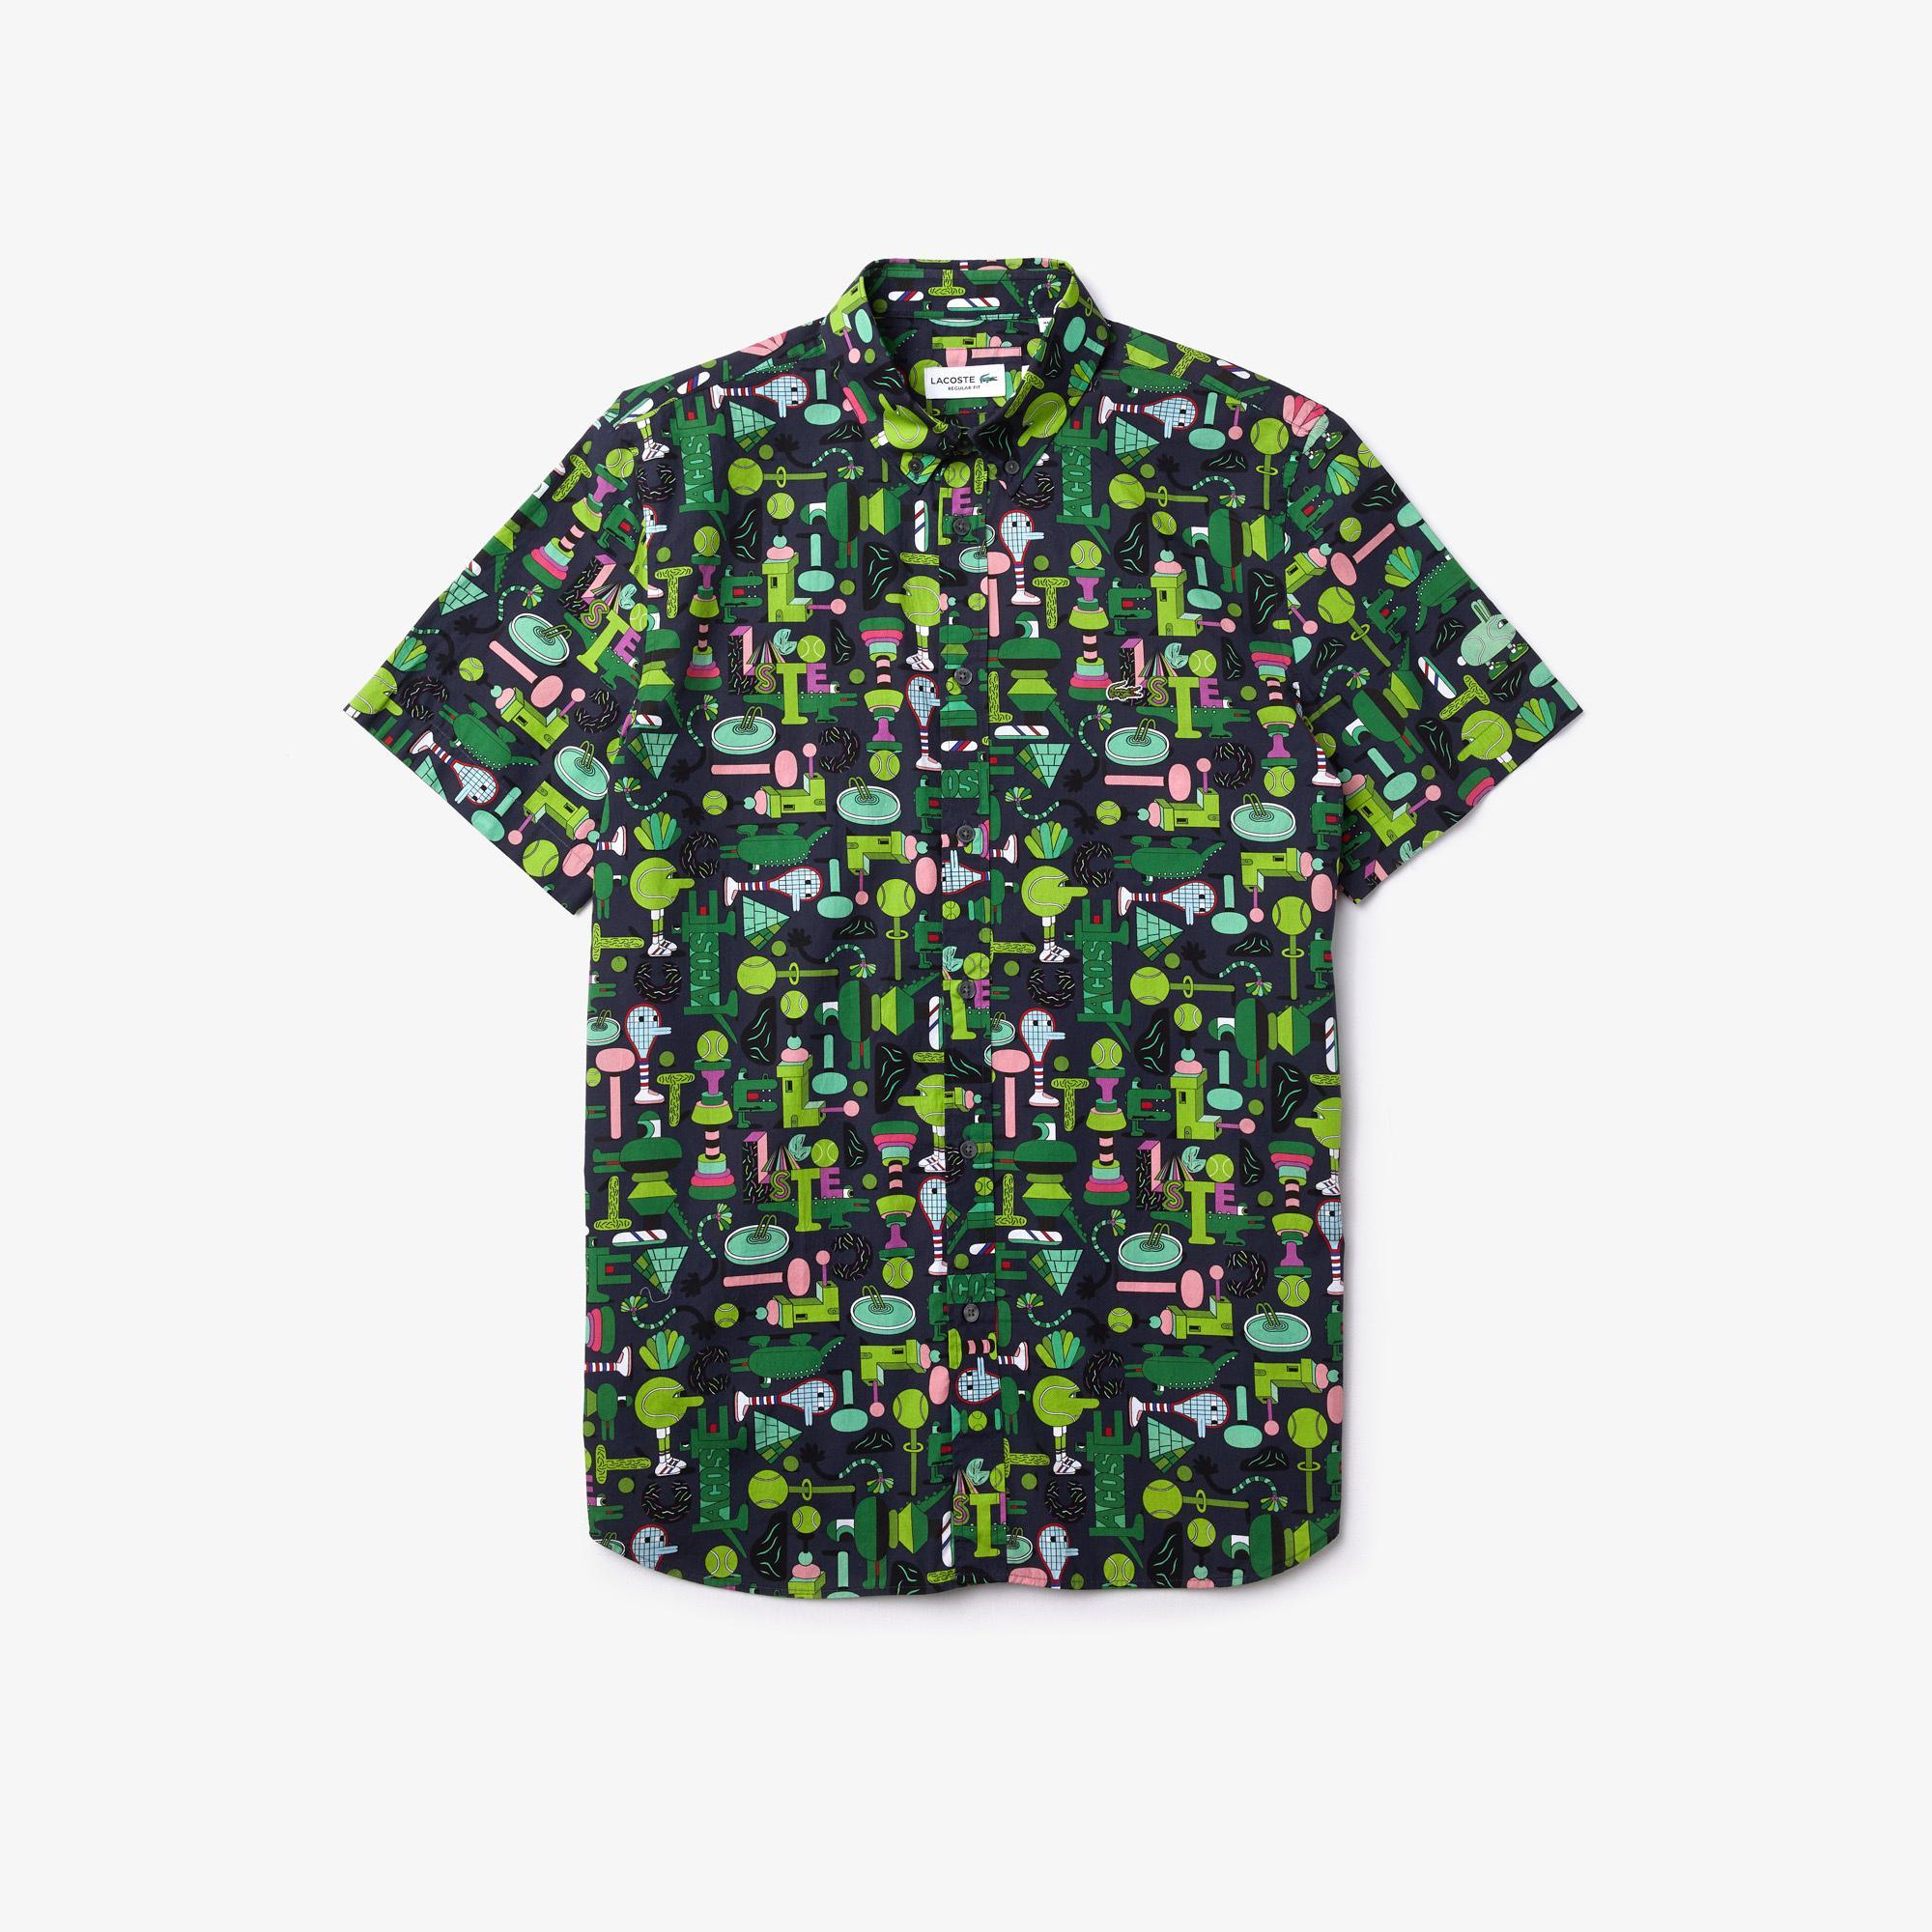 Lacoste Koszula x Jeremyville Unisex Z Krótkimi Rękawami, Kołnierzyk Zapinany Na Guziki